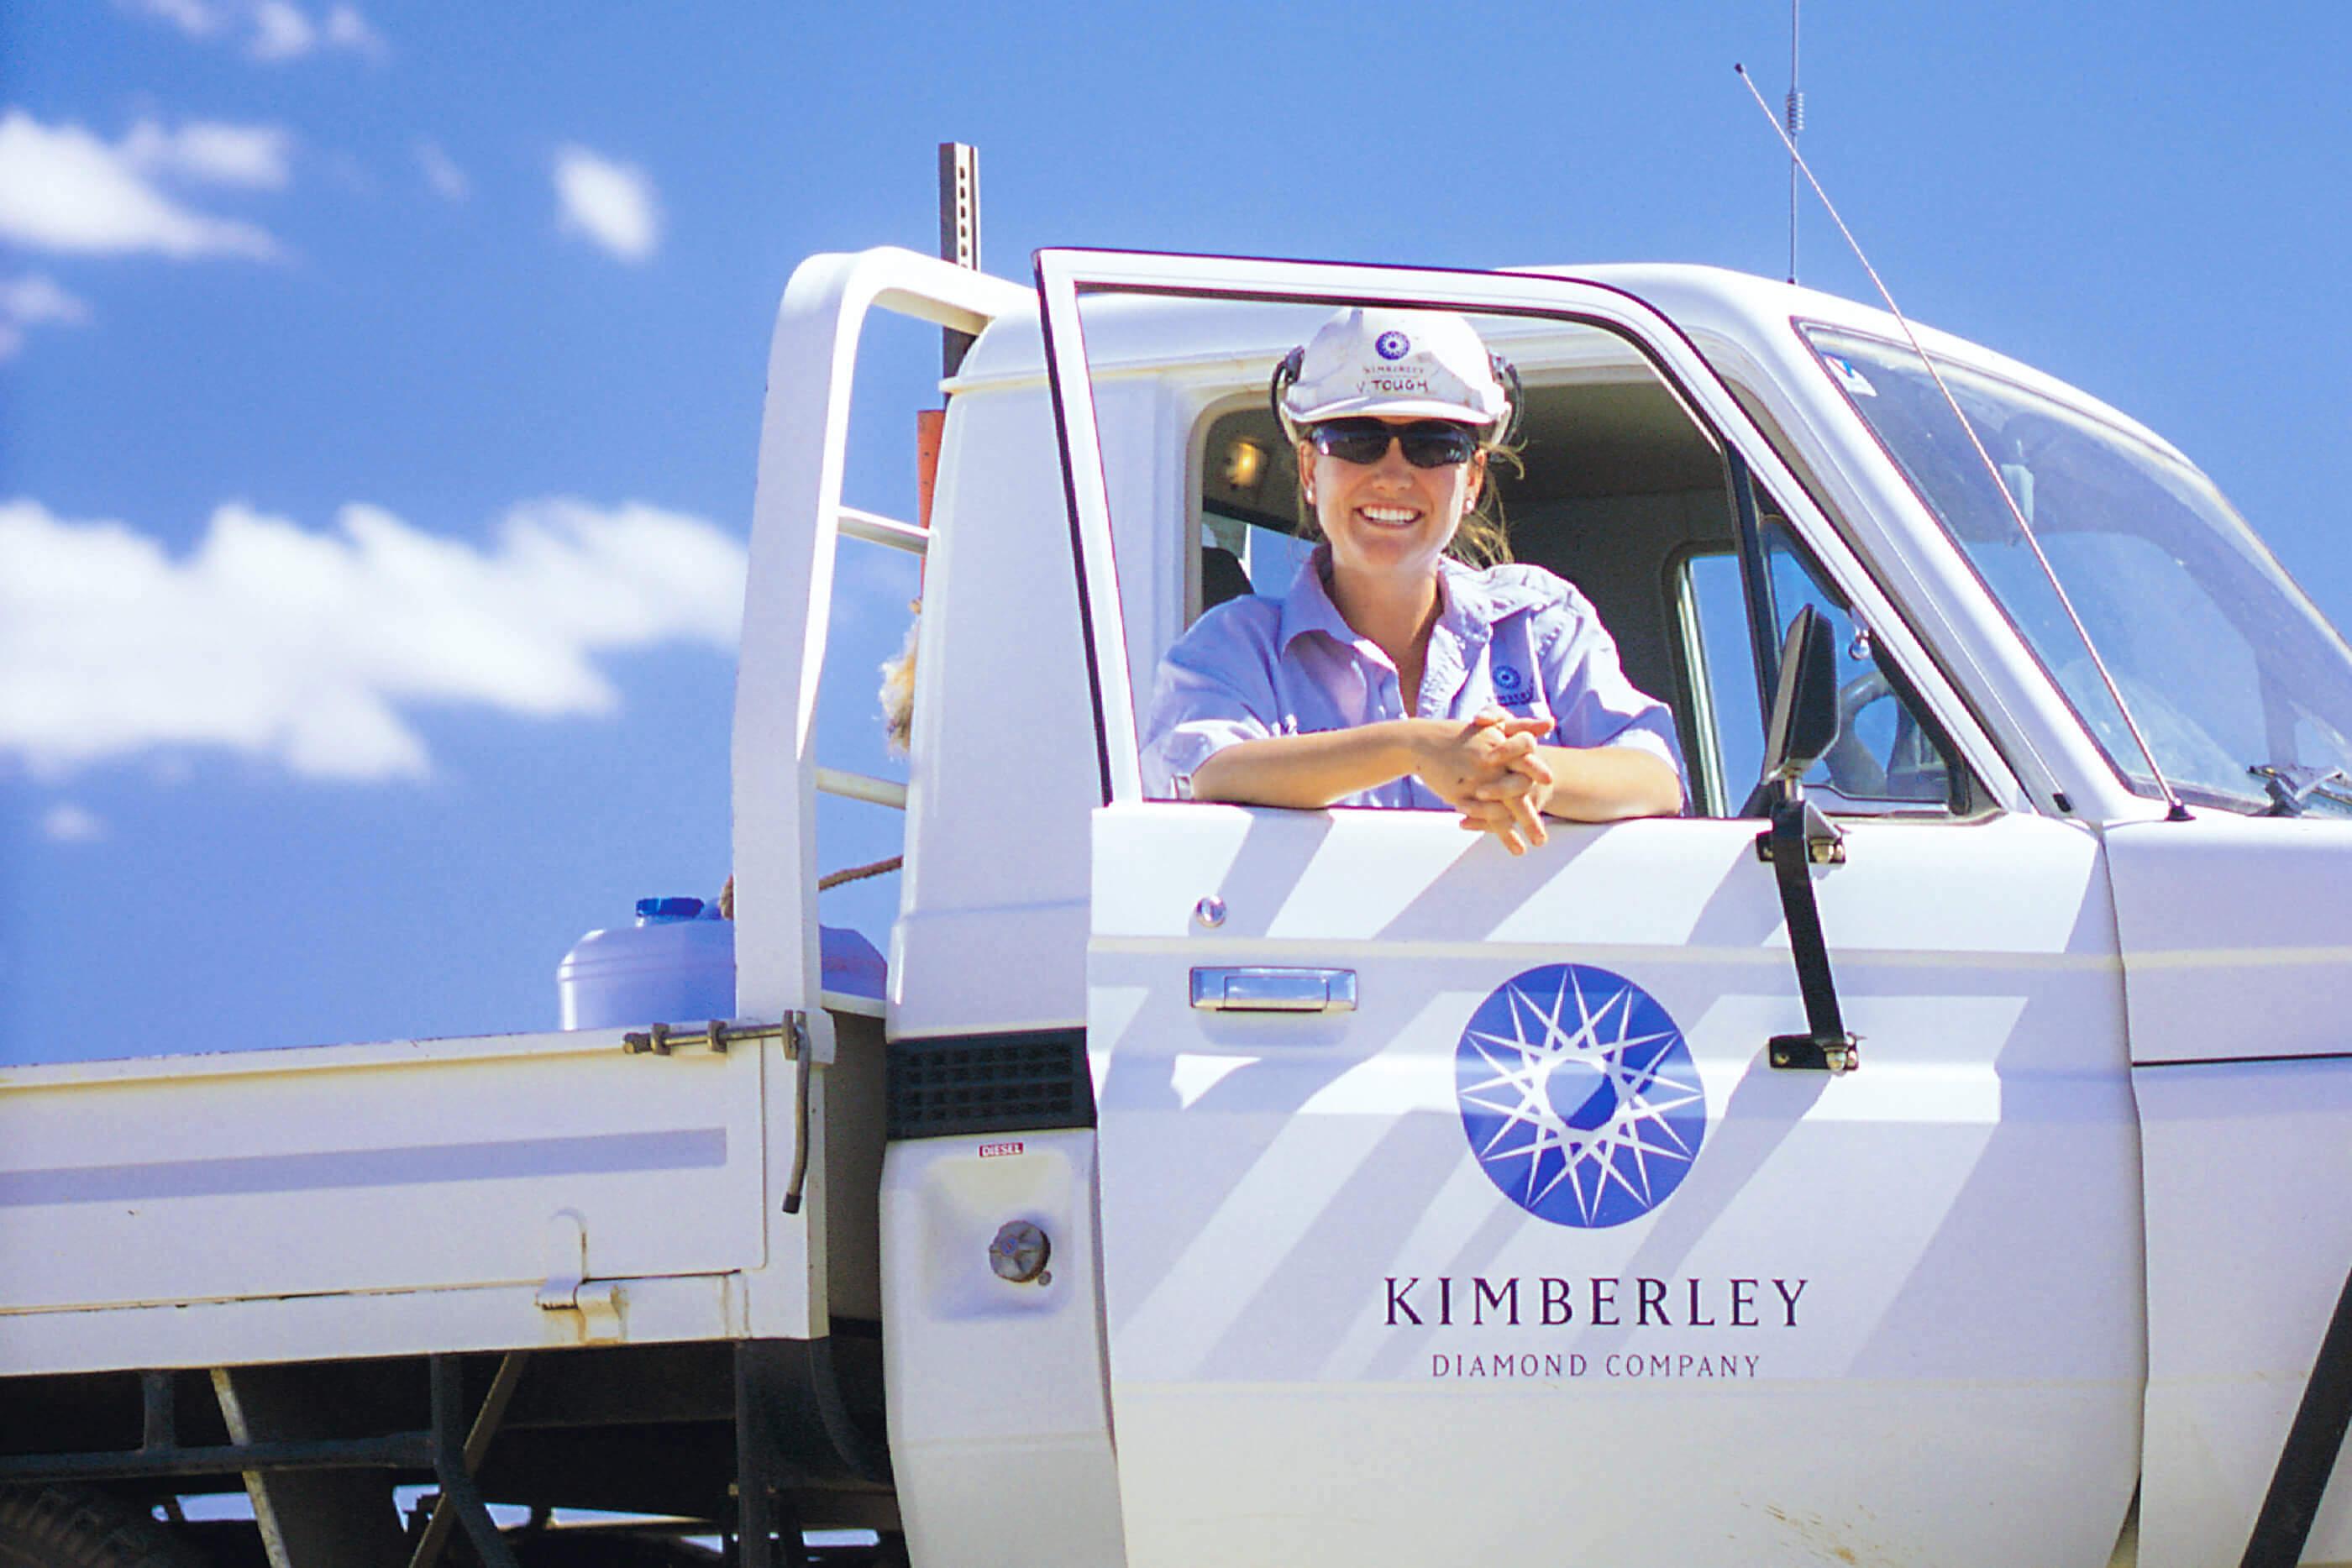 Kimberley-Diamonds-Vehicle